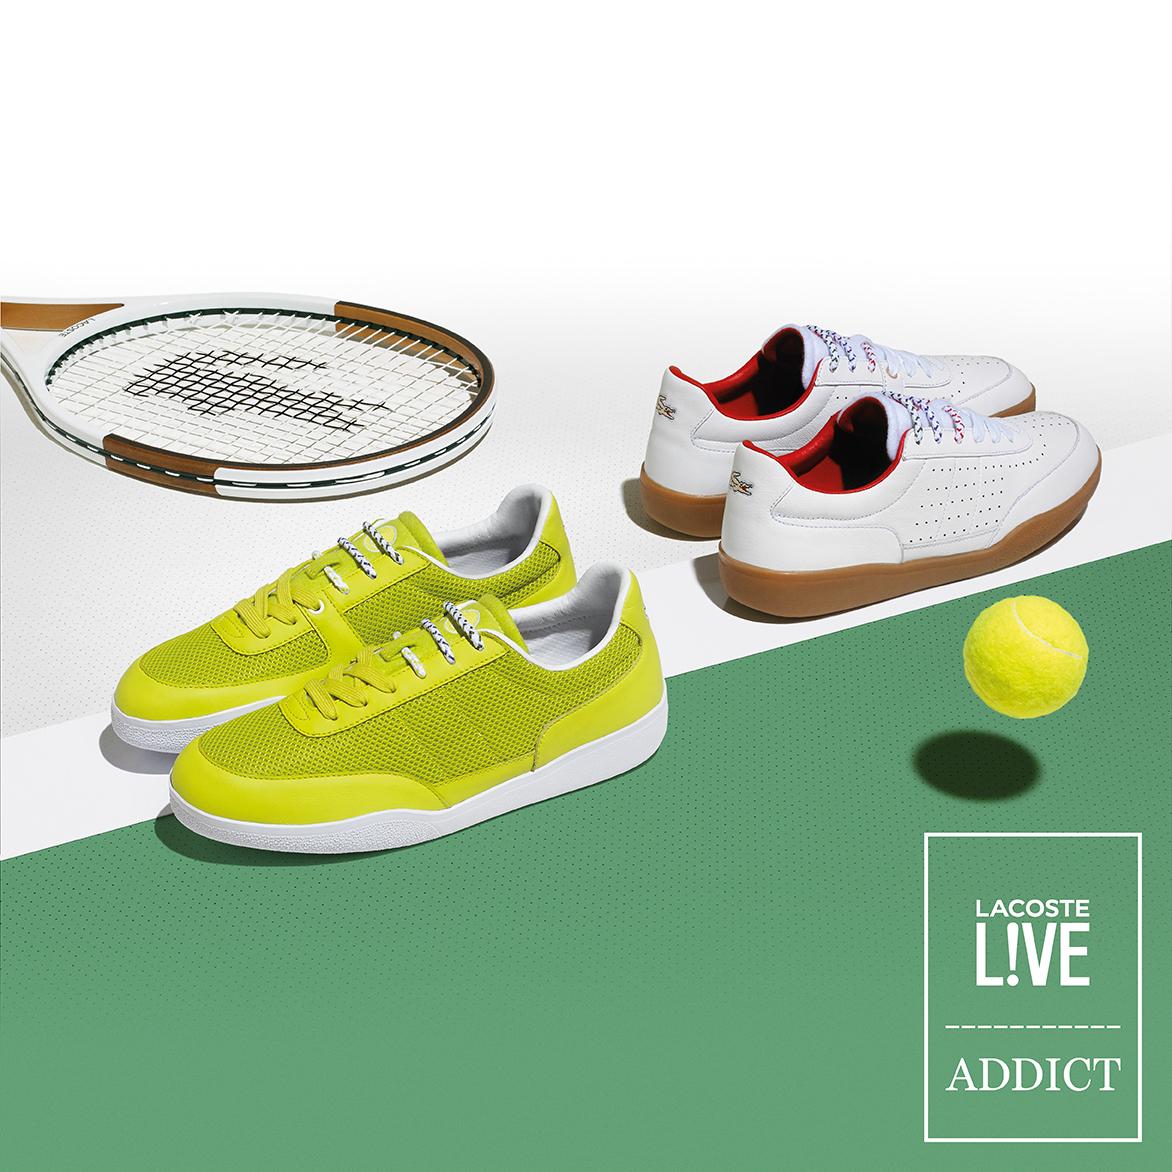 Lacoste L!VE collabore avec Addict Miami pour deux sneakers inédites !